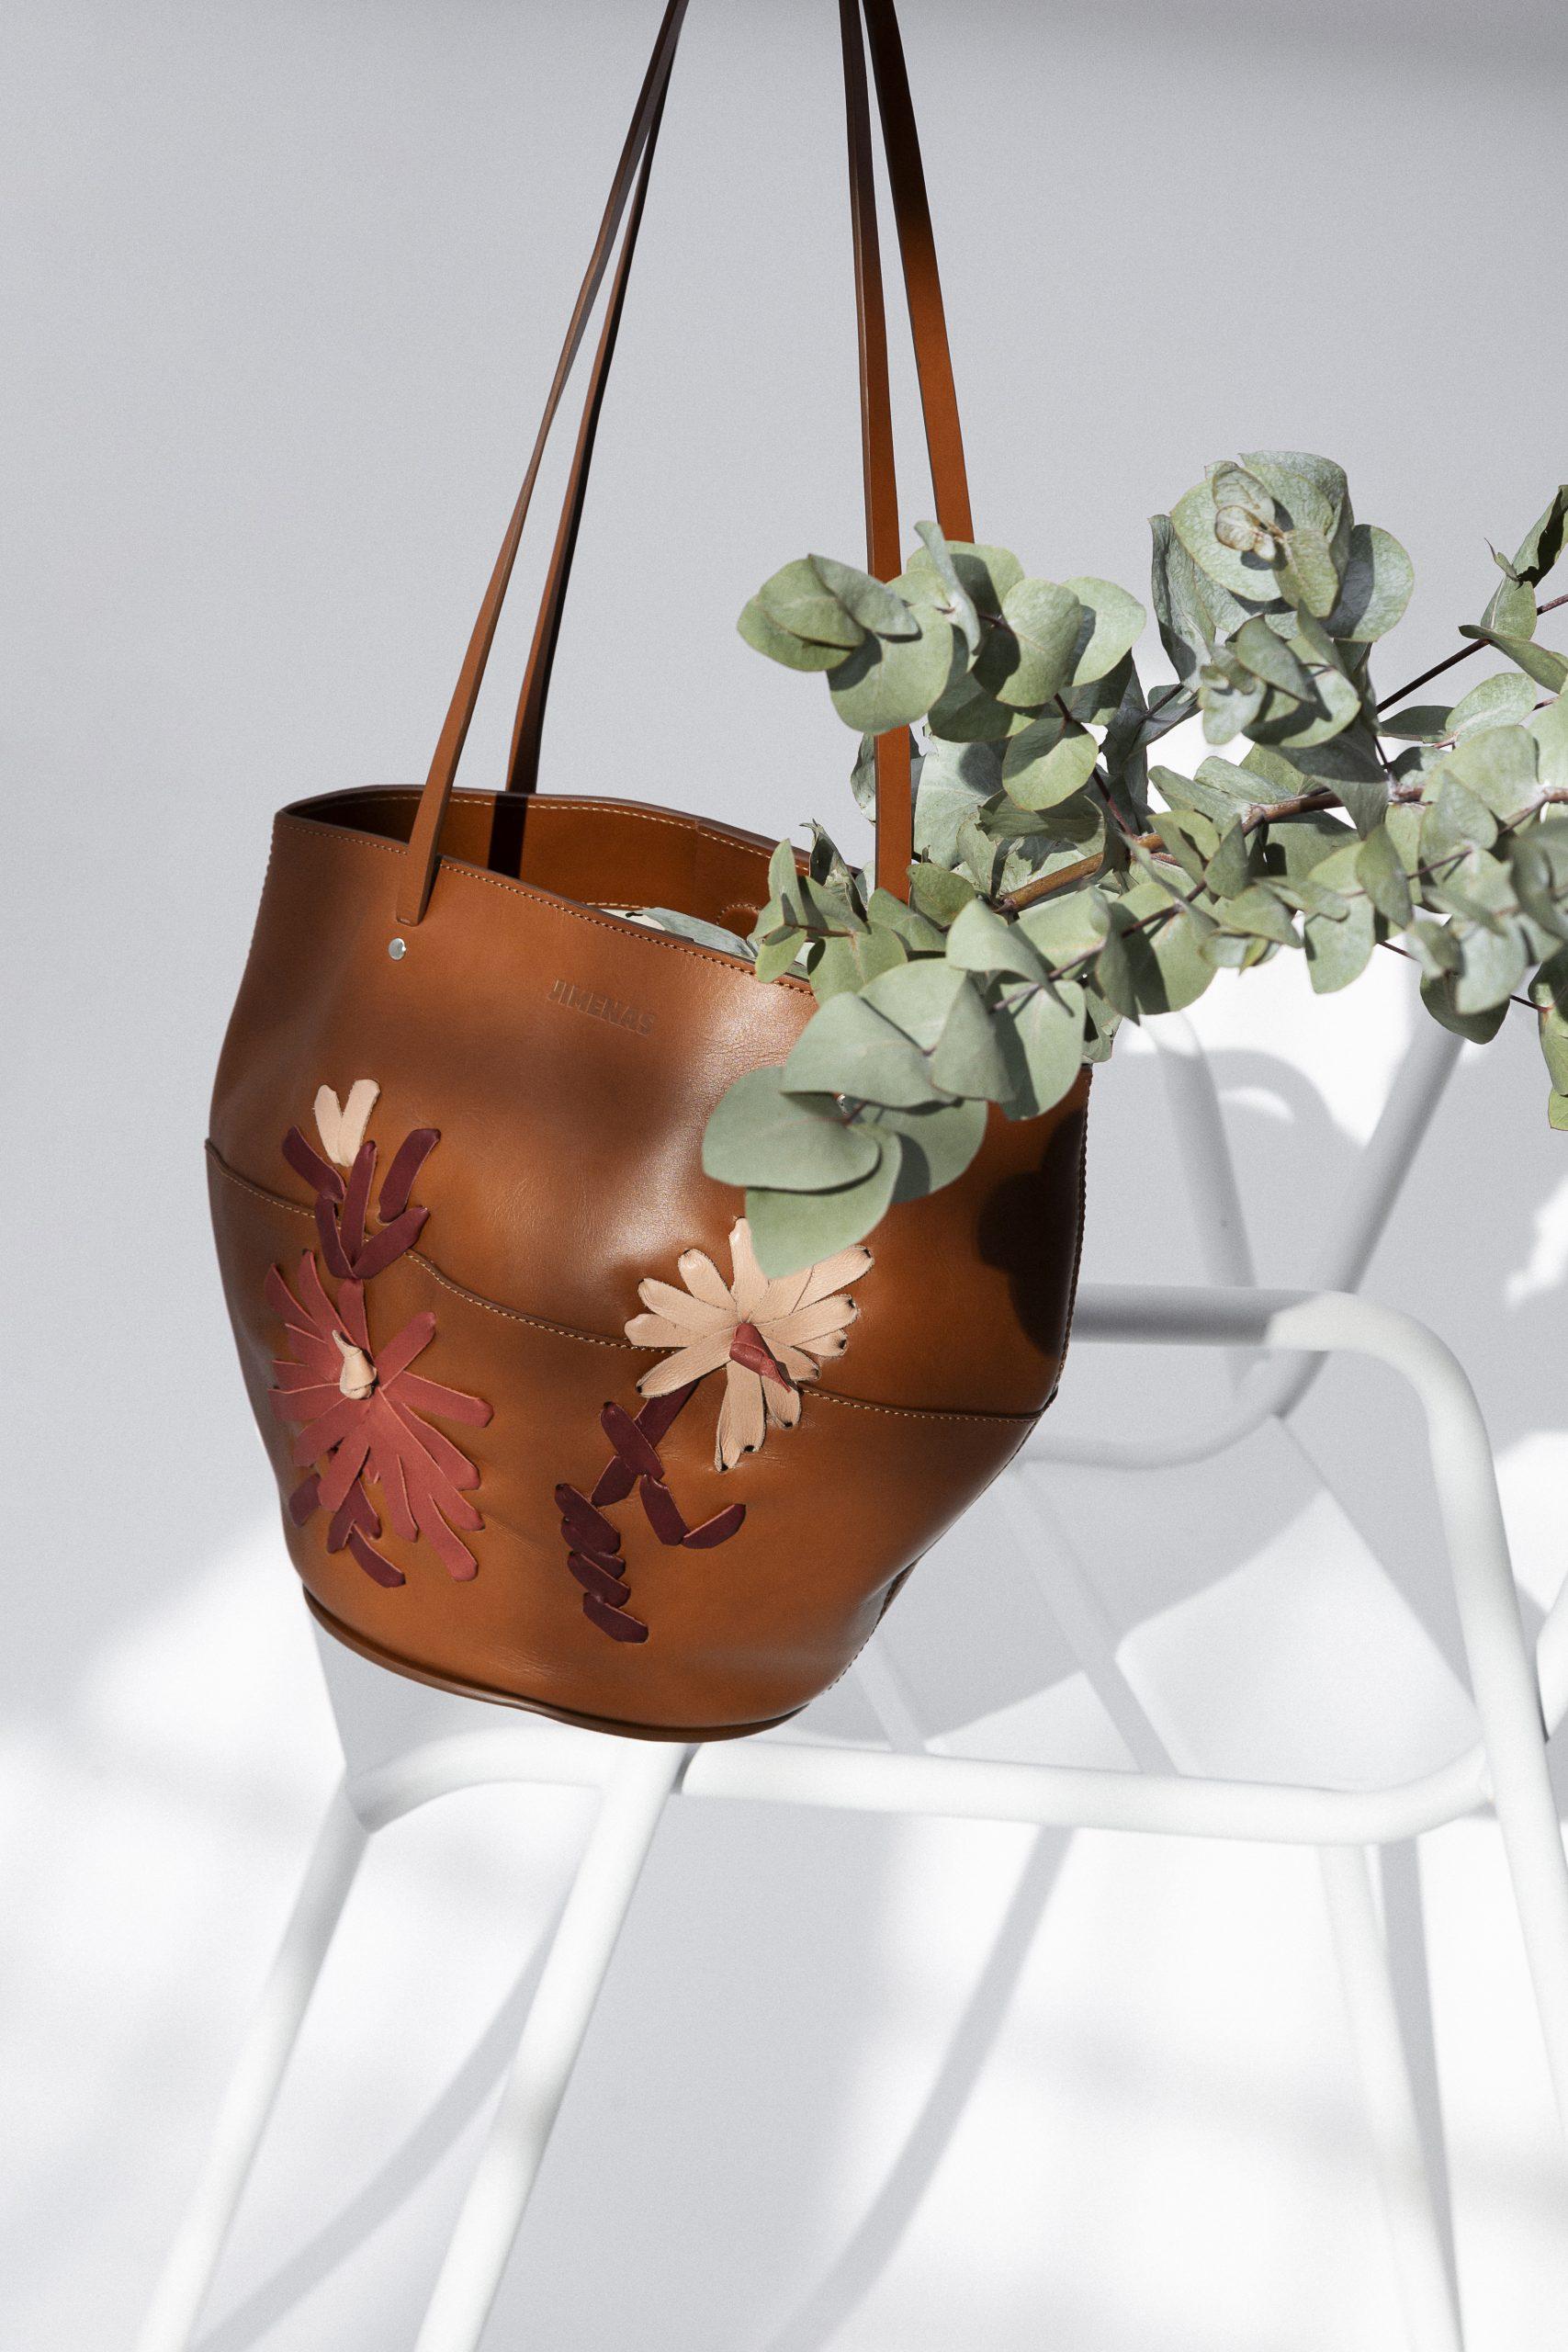 JIMENAS es lujo asequible, diseño y artesanía local